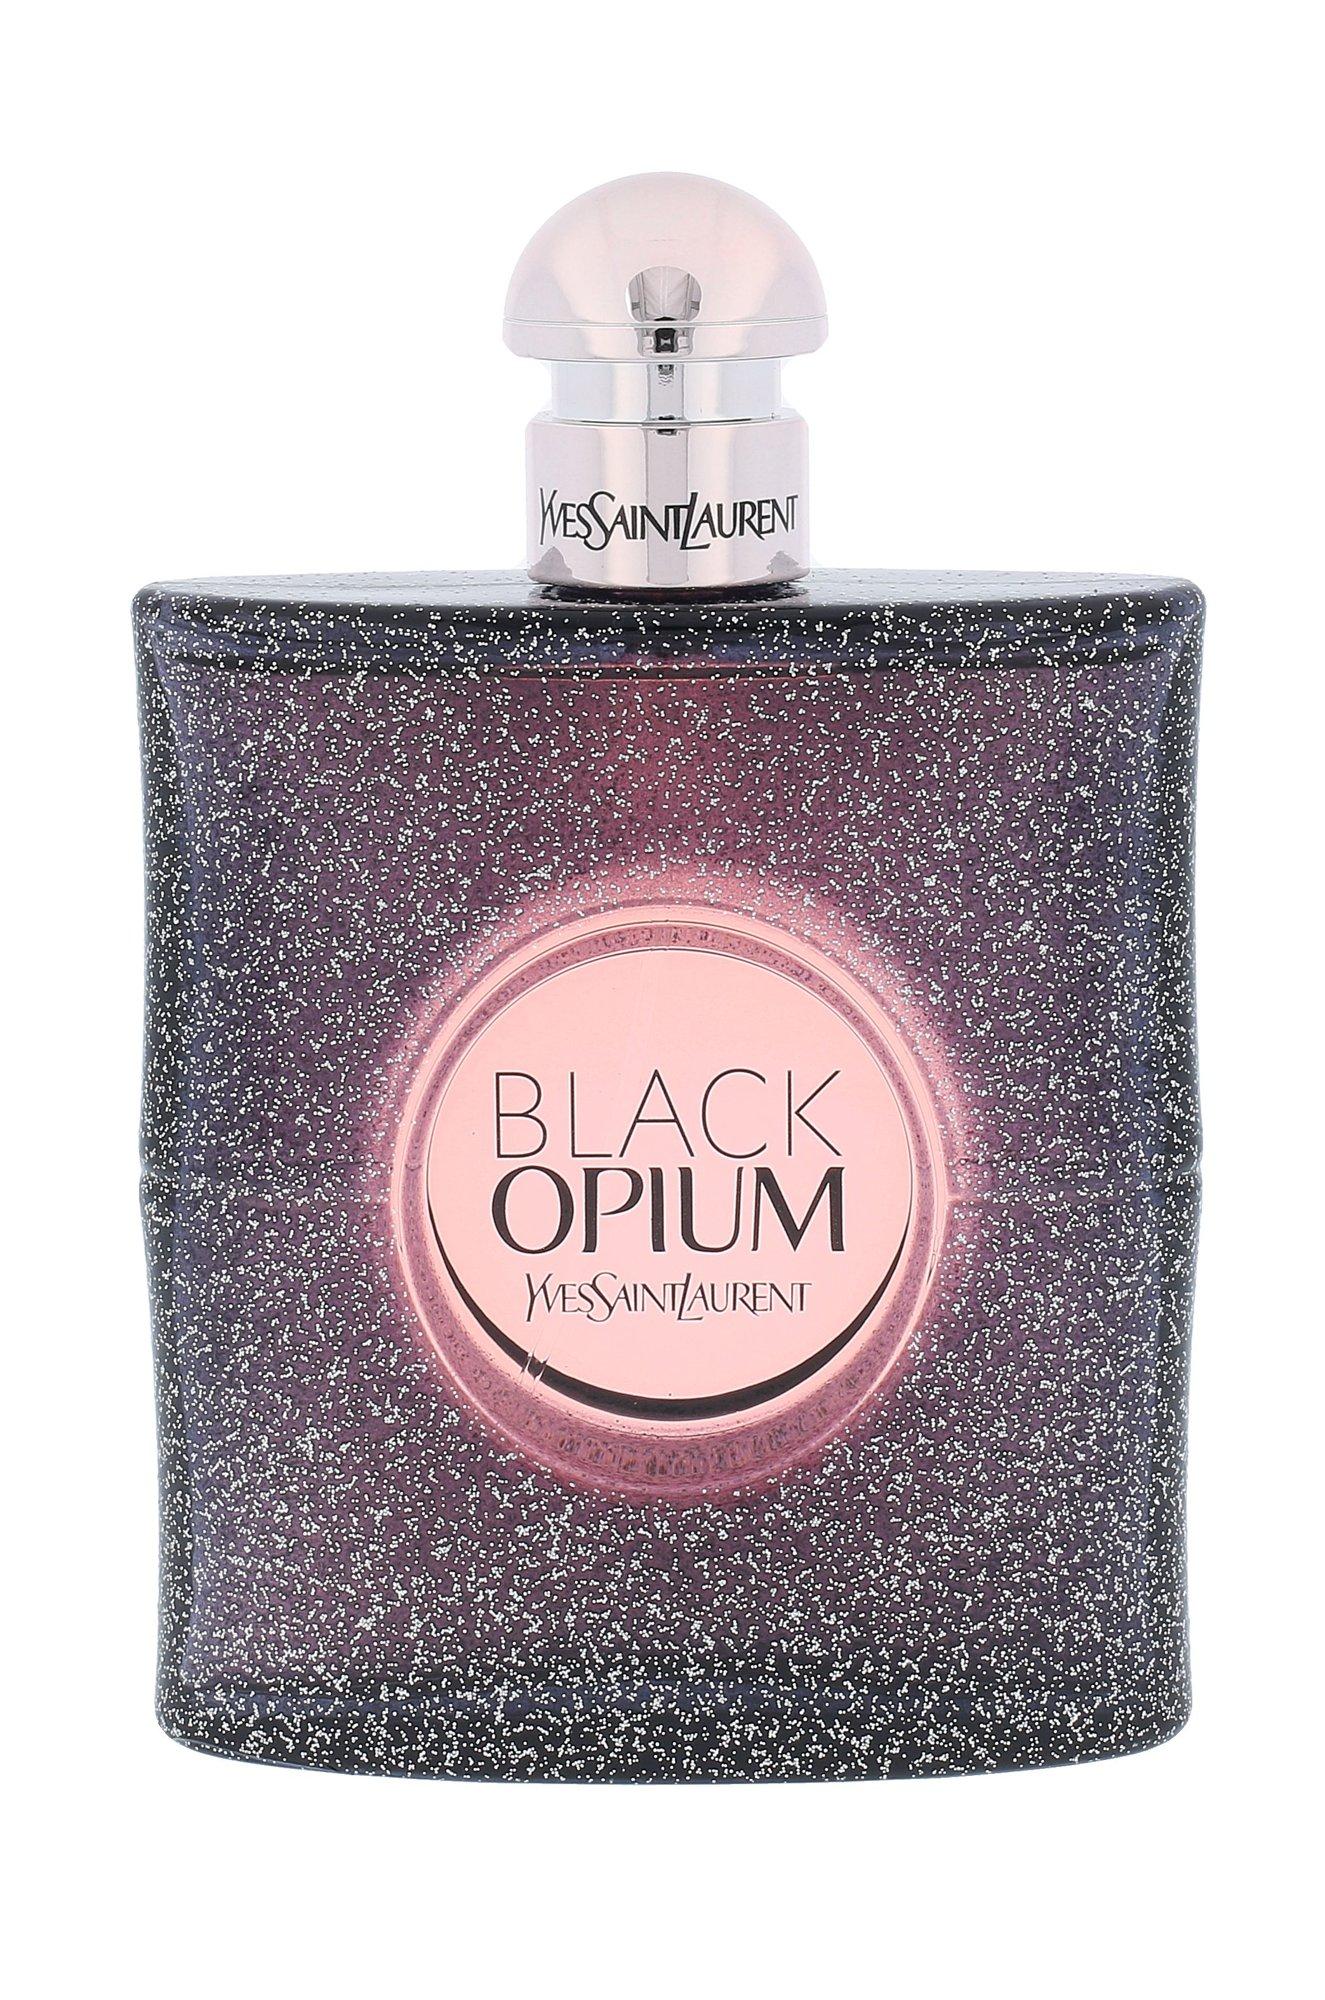 Yves Saint Laurent Black Opium Eau de Parfum 90ml